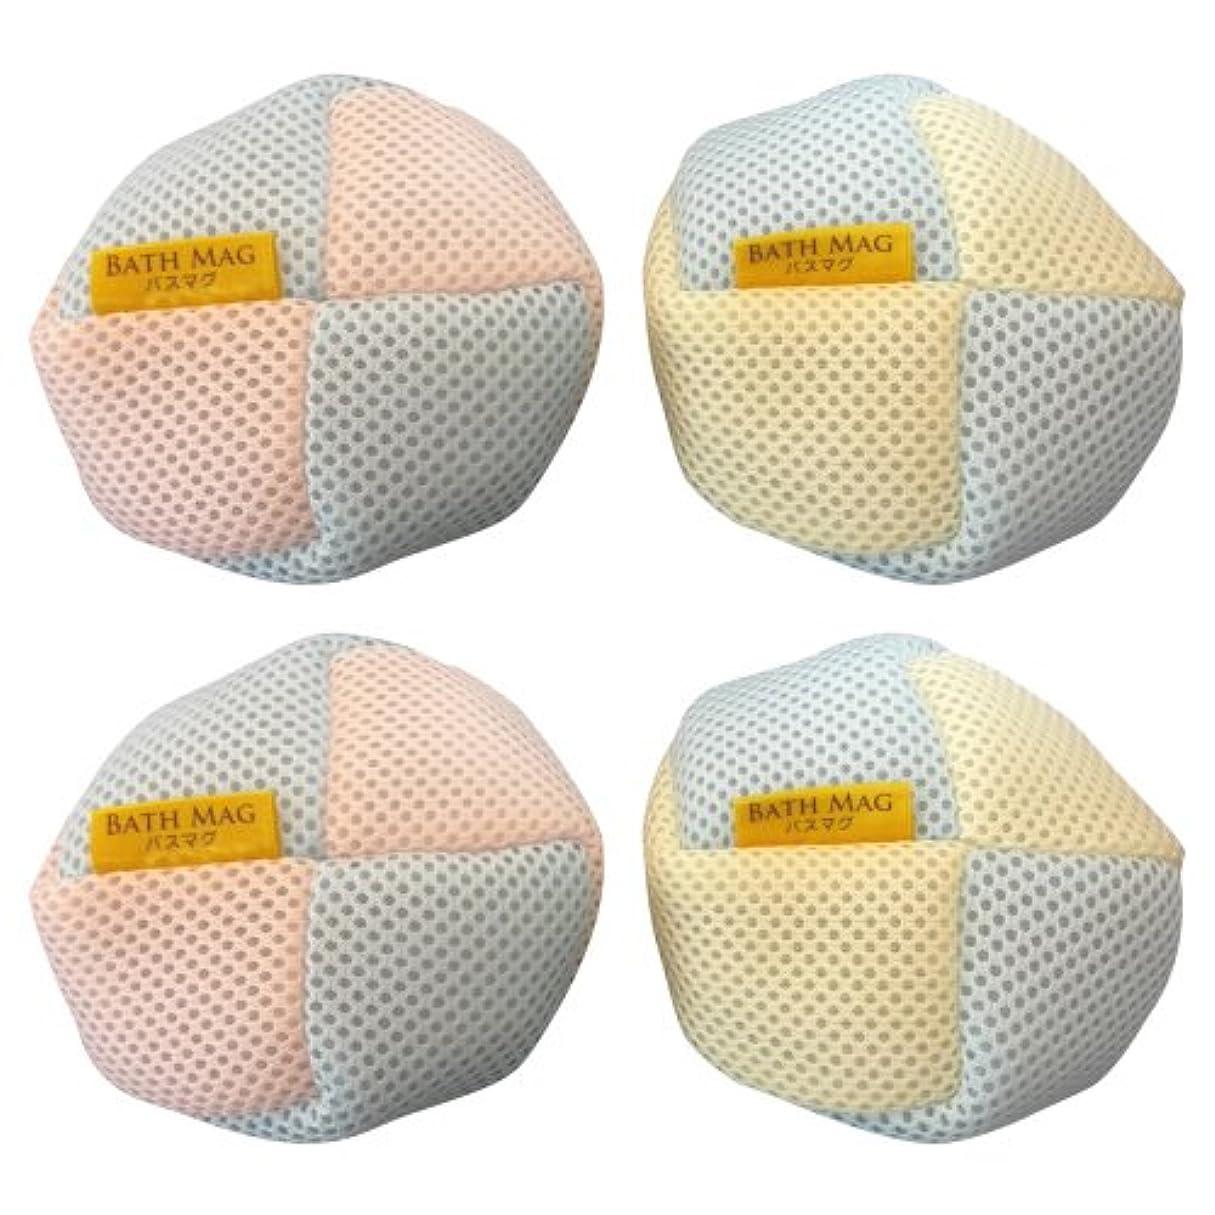 顧問スワップ食い違いBATH MAG マグネシウムde水素浴(バスマグ)2個入り×2箱セット(計4個)